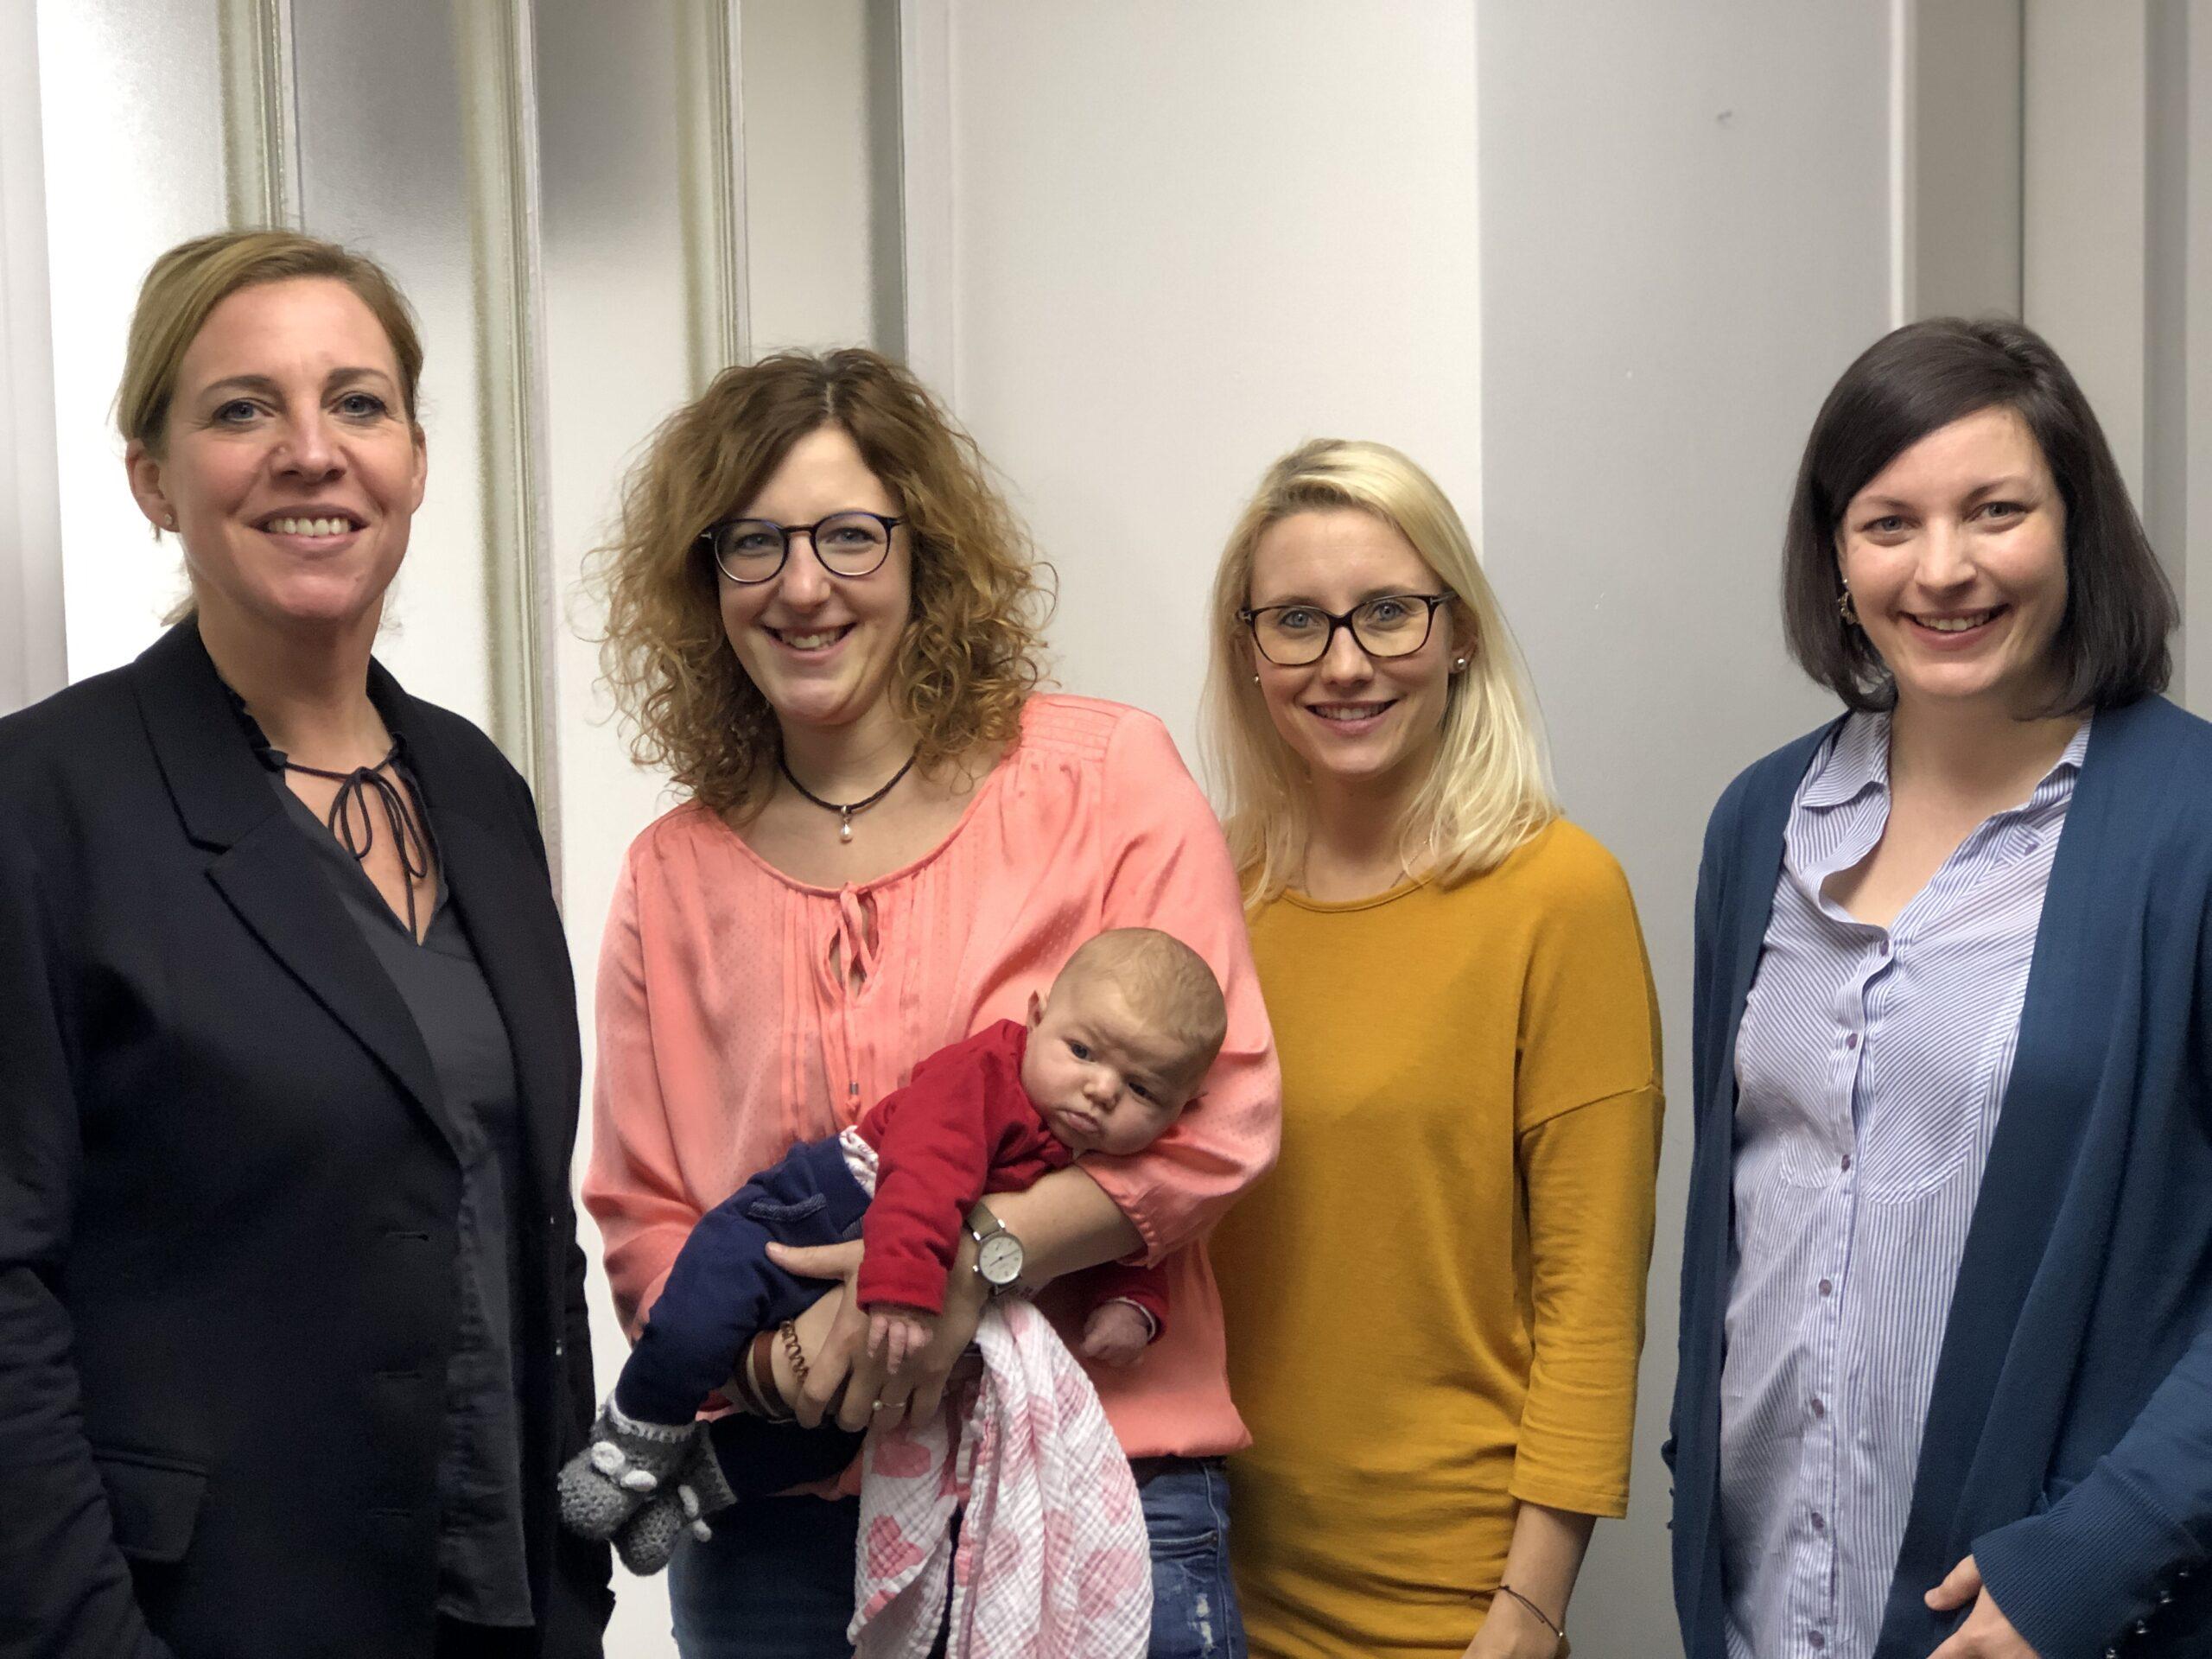 4 KDFB Frauen mit Neugeborenem als Gruppenfoto bei einem Video-Dreh